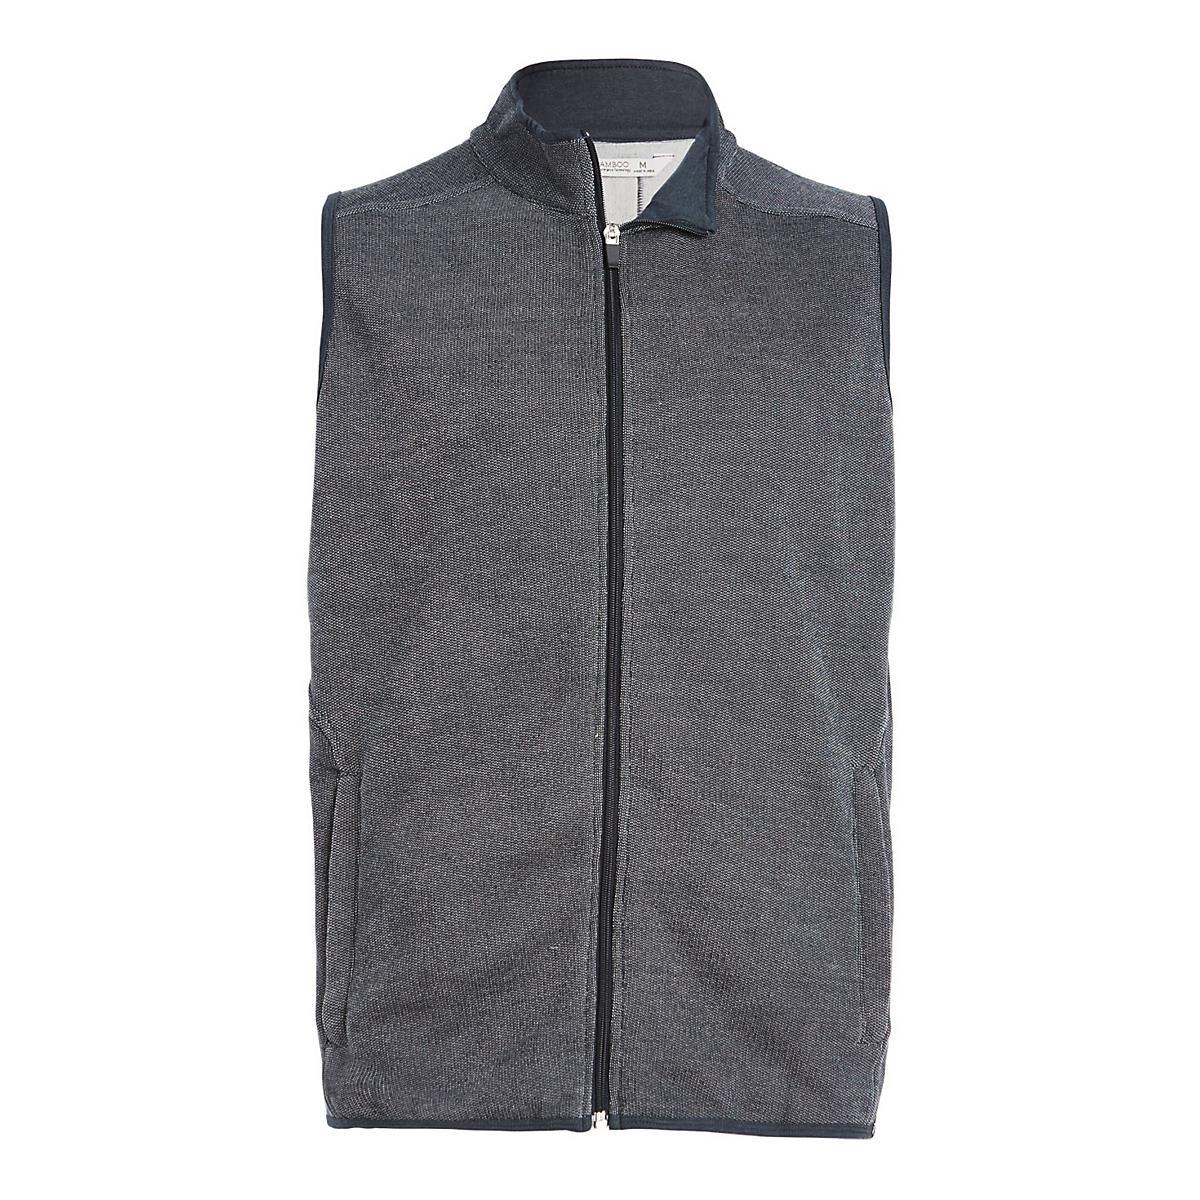 Men's Tasc Performance�Transcend Fleece Vest